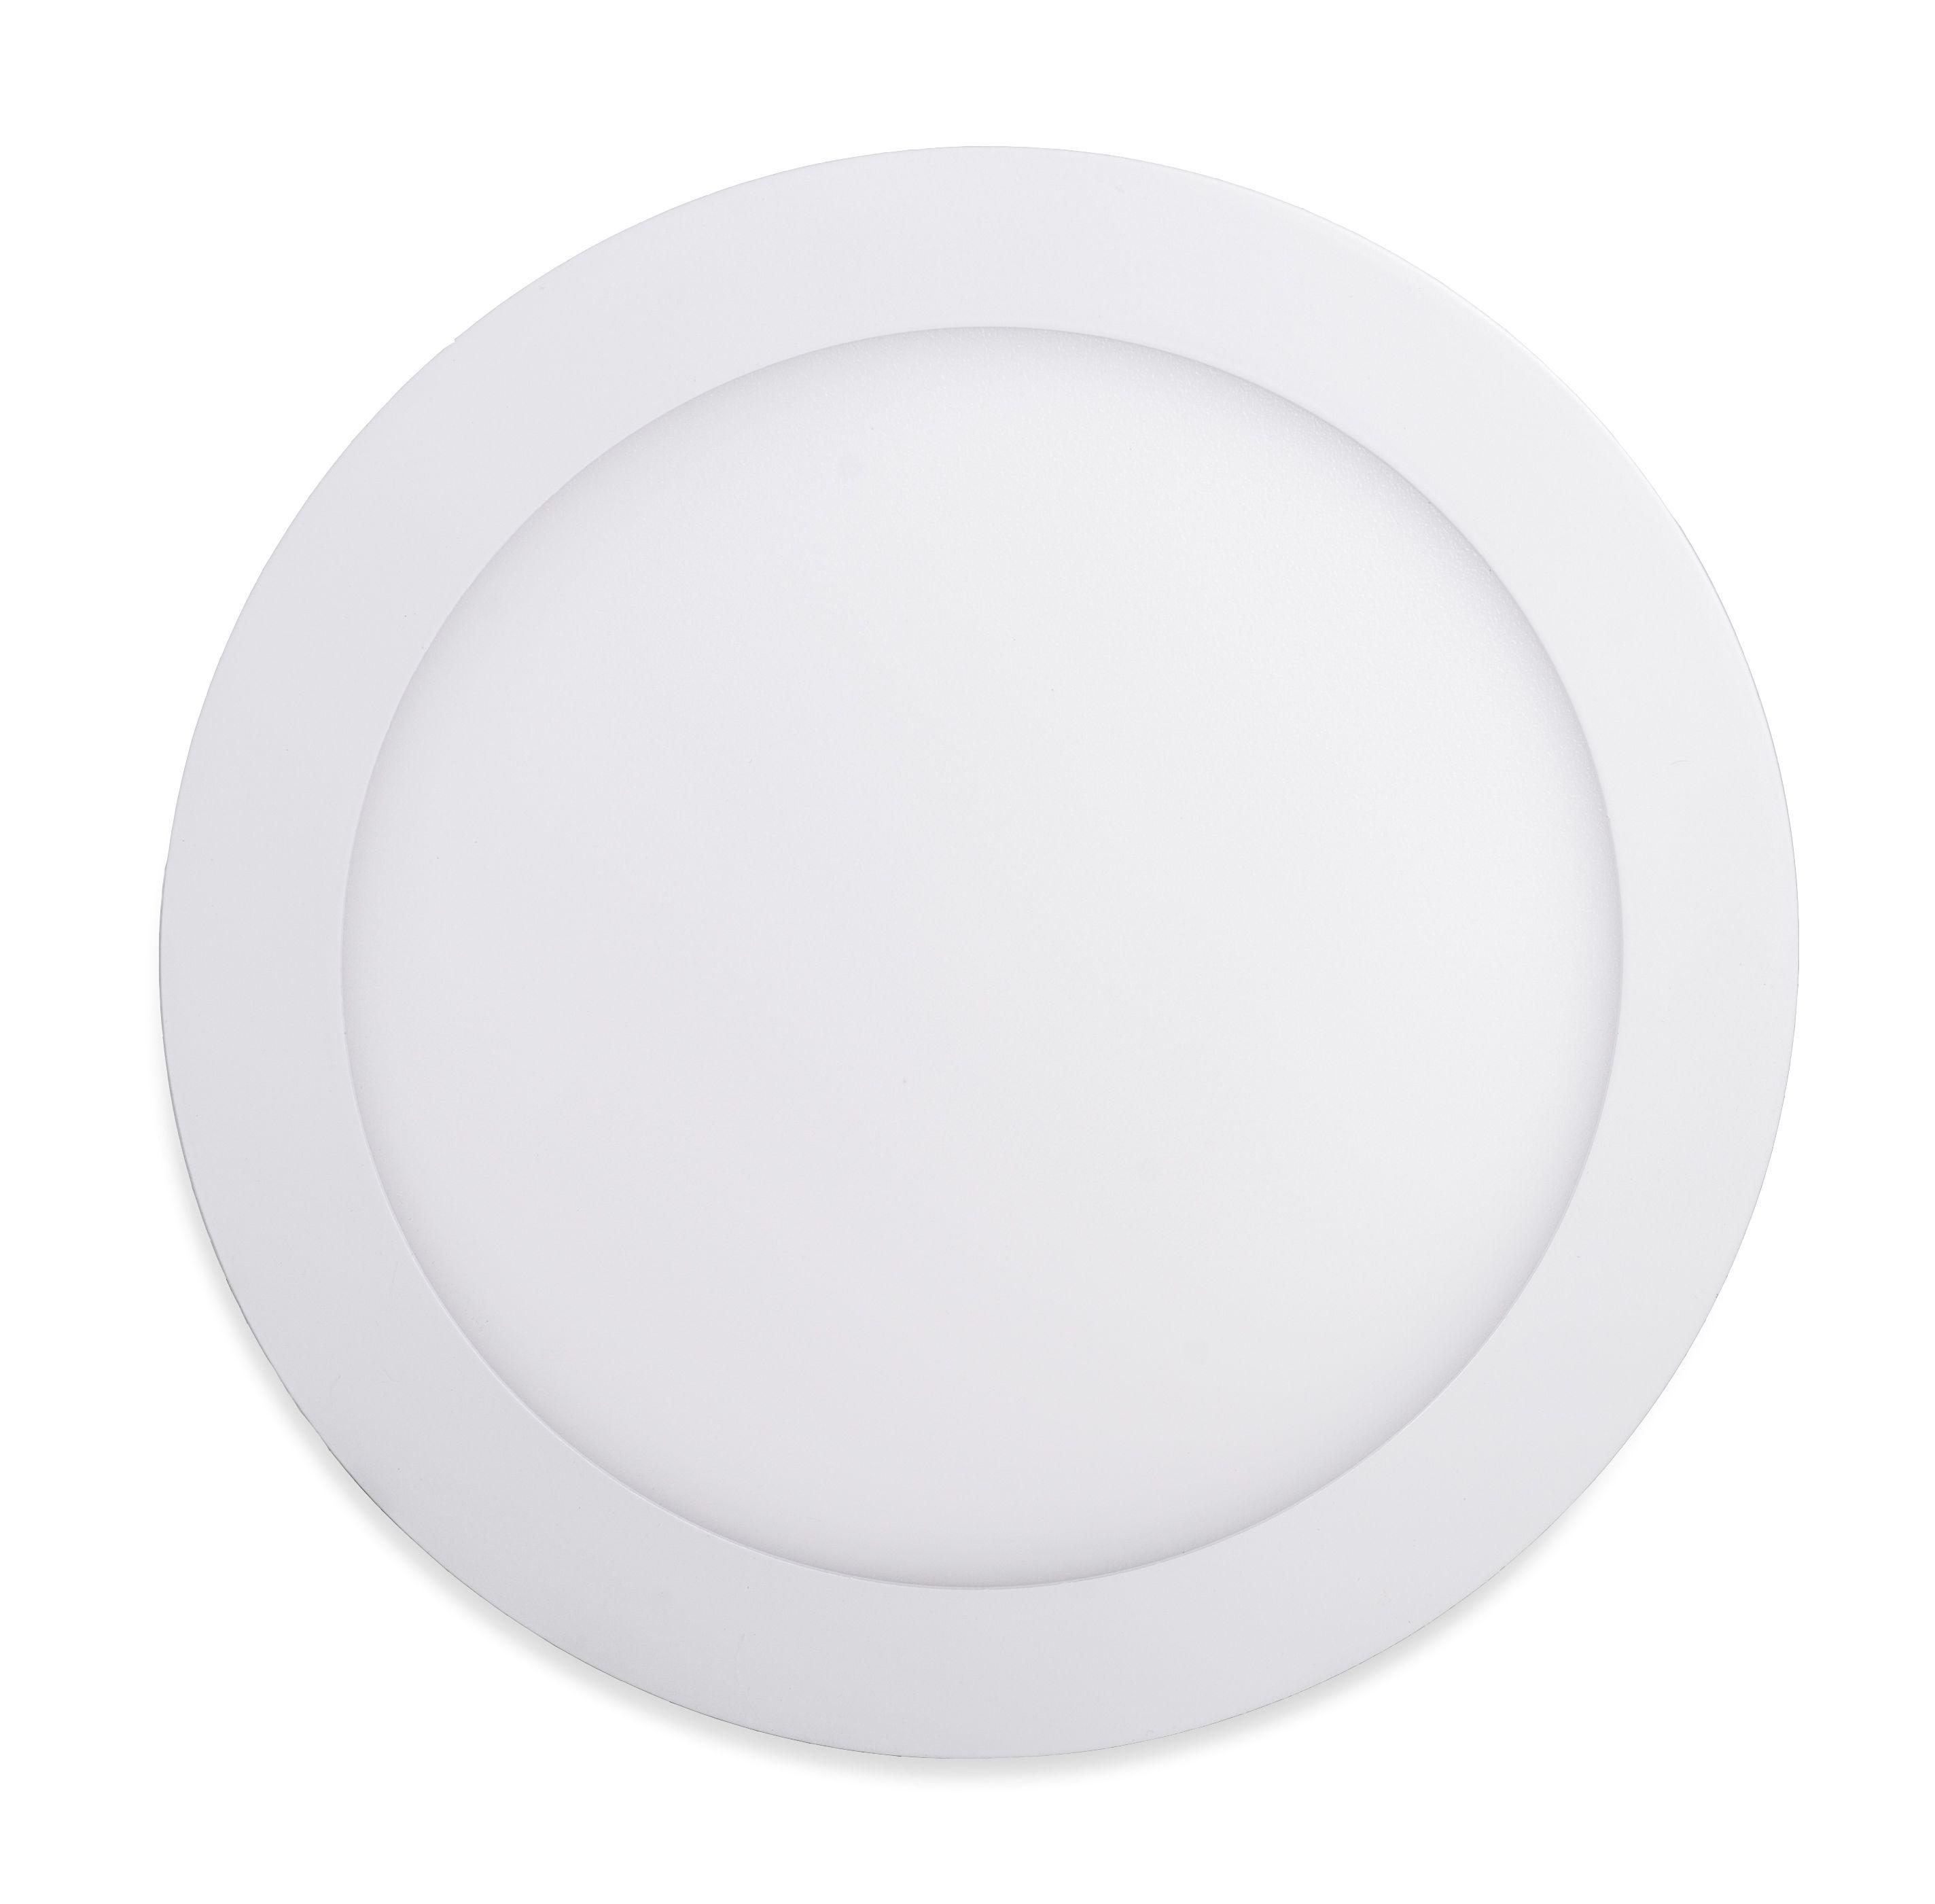 T-LED Biely vstavaný LED panel guľatý 225mm 18W stmievateľný Farba svetla: Teplá biela